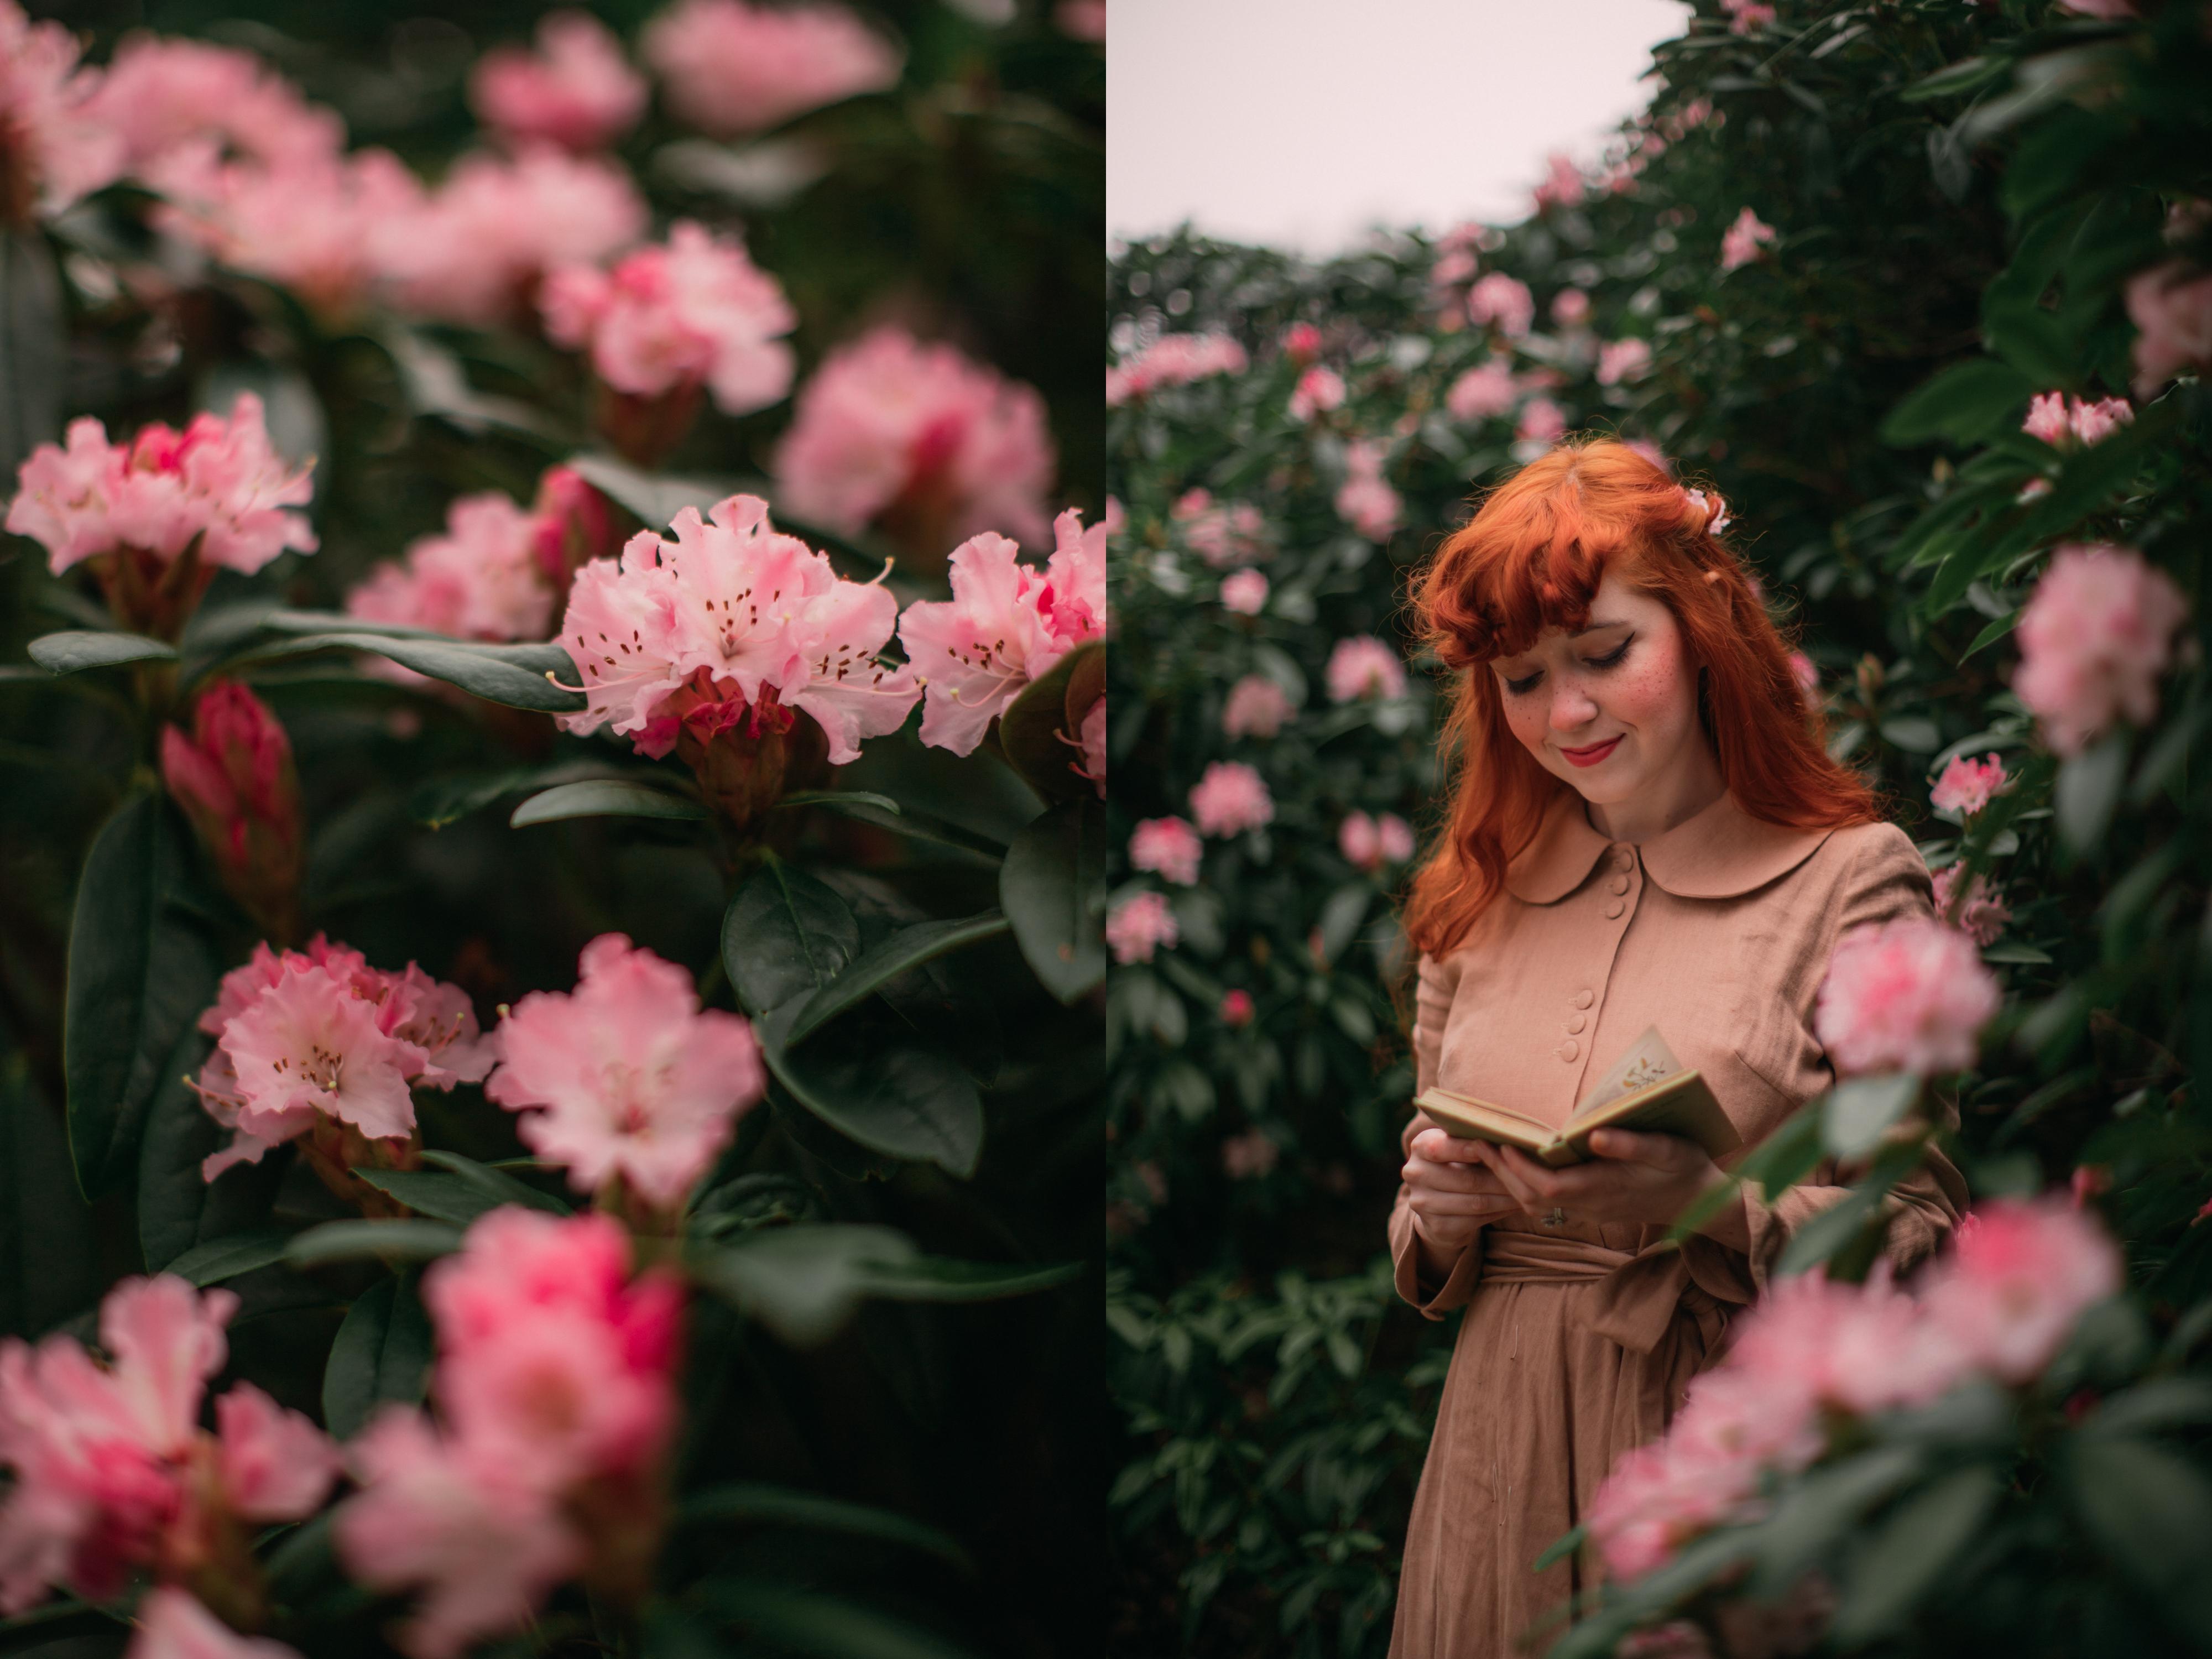 pinkdress-16-side